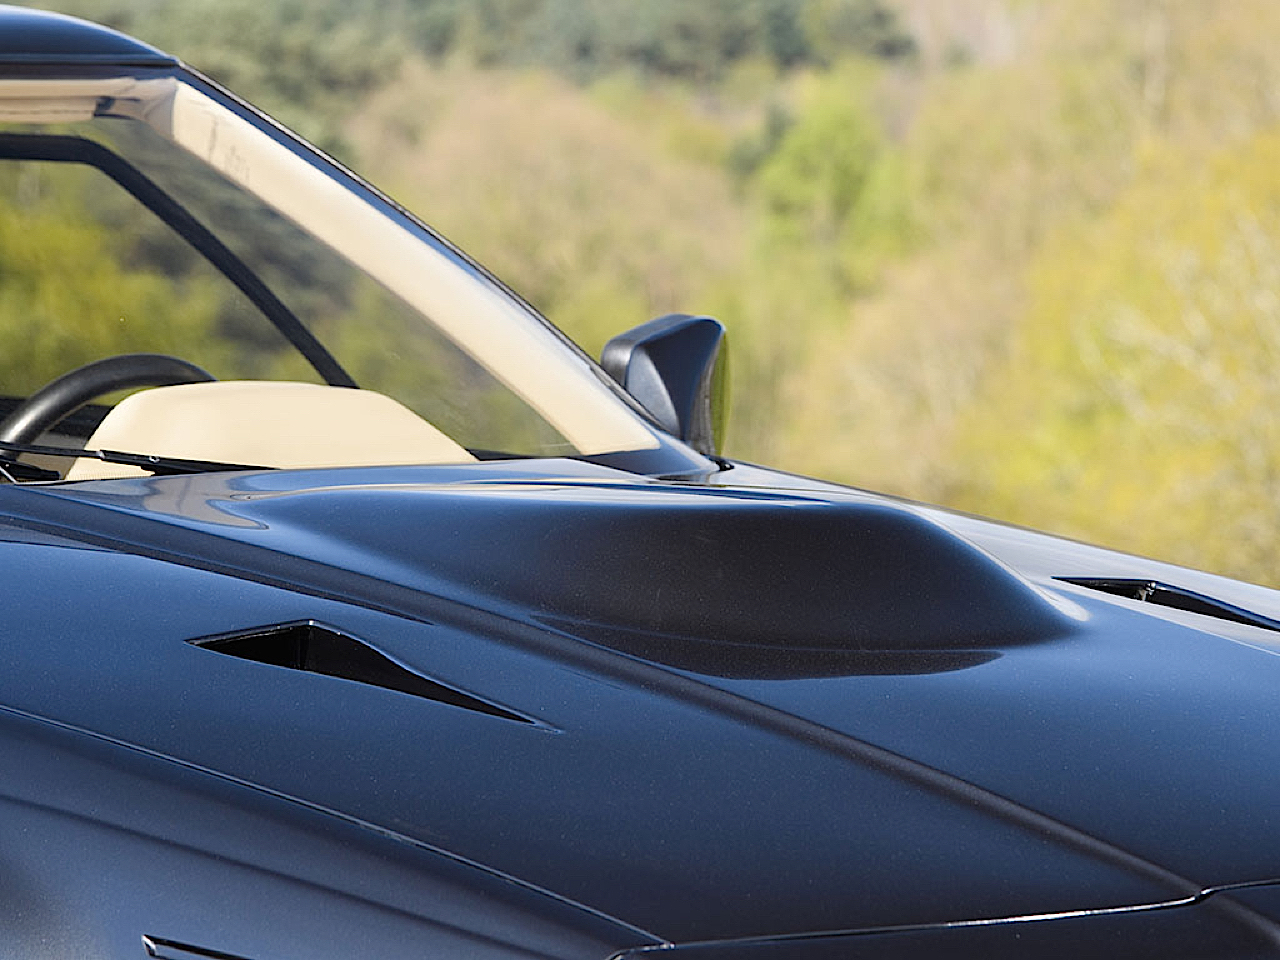 '87 Aston Martin V8 Vantage Zagato : 3